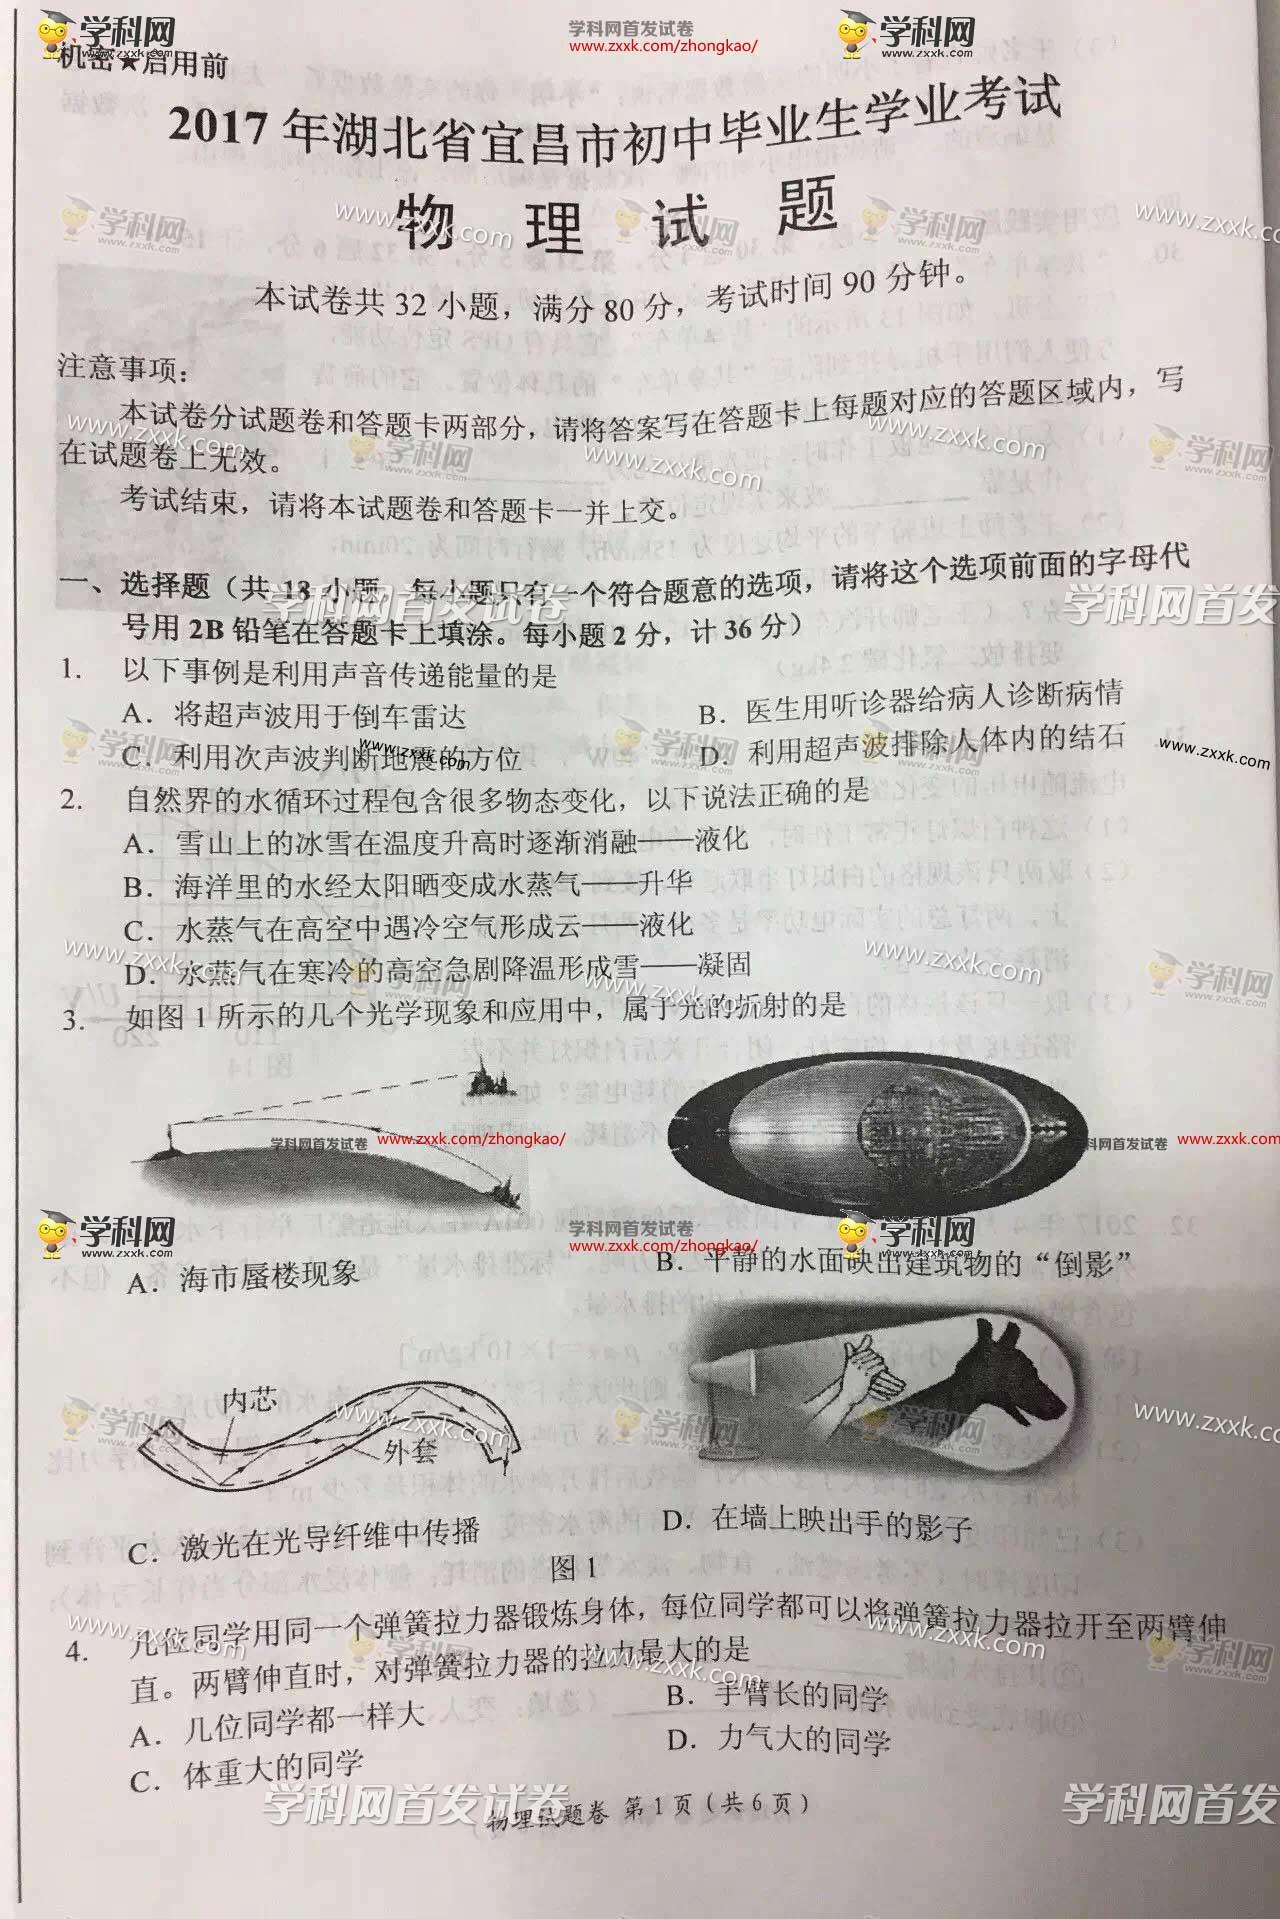 2017宜昌中考物理试题及答案解析(图片版含答案)